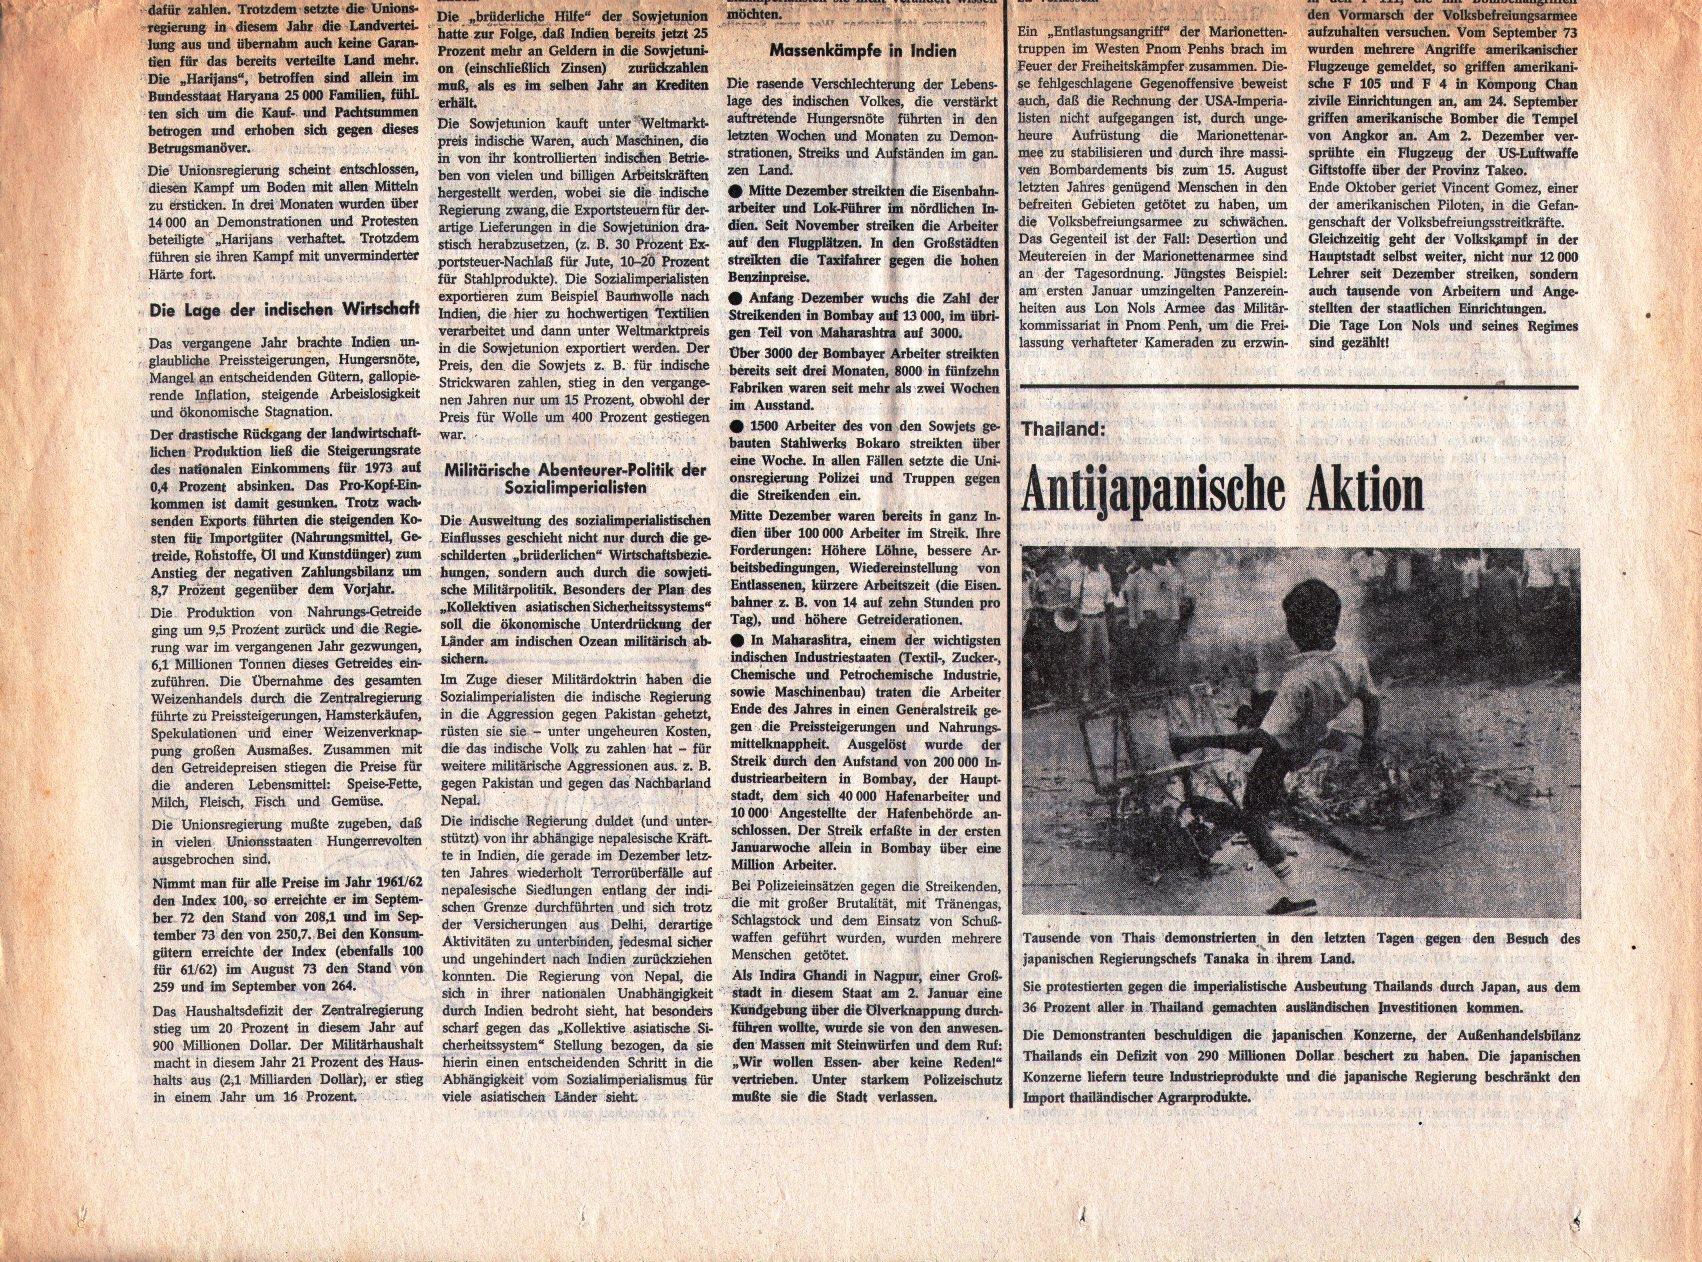 KPD_Rote_Fahne_1974_03_12